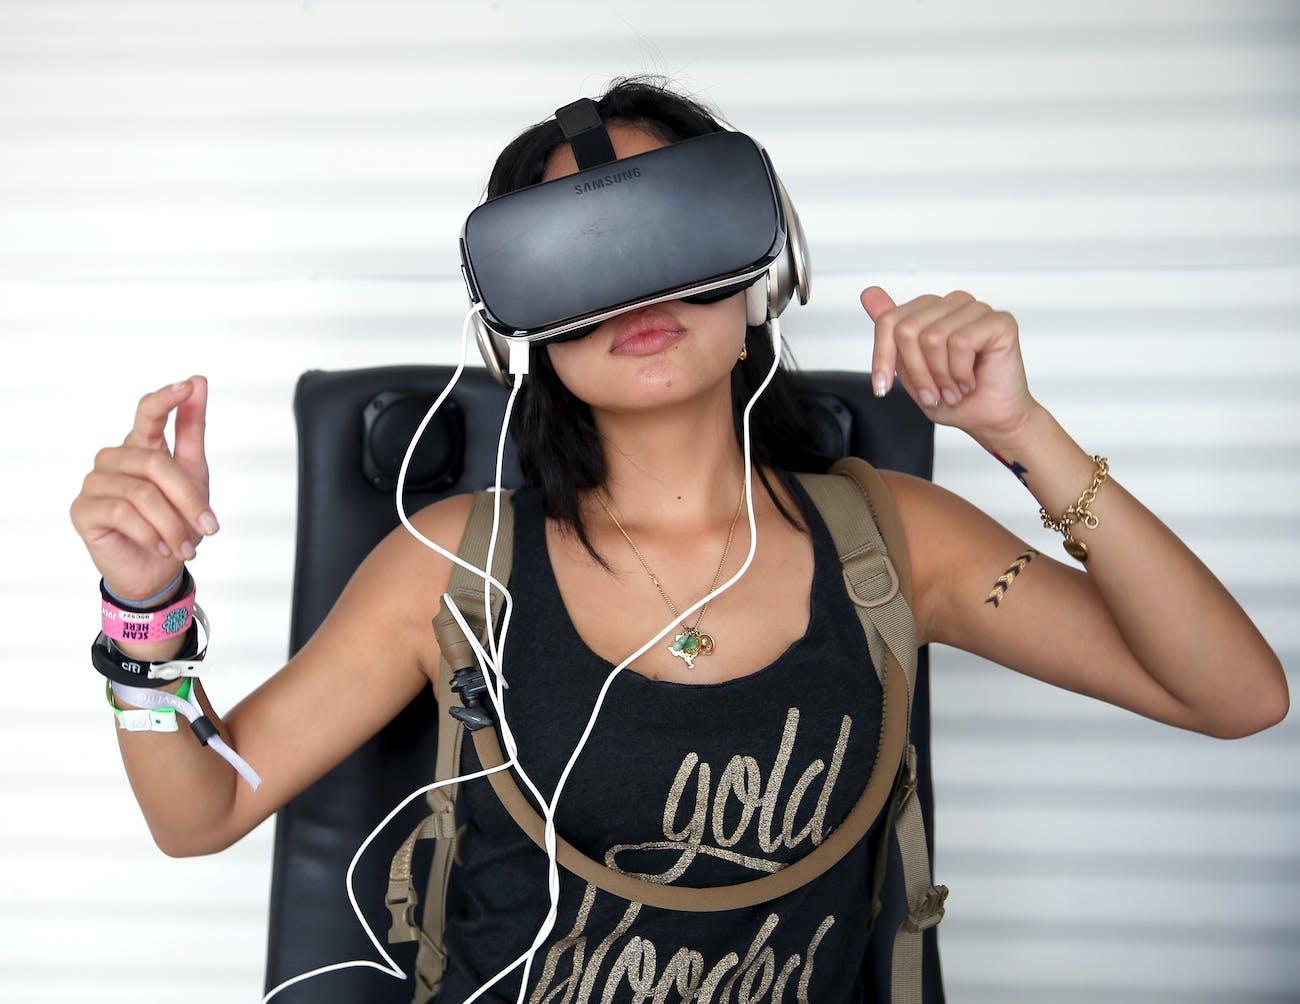 Samsung Gear VR in action.